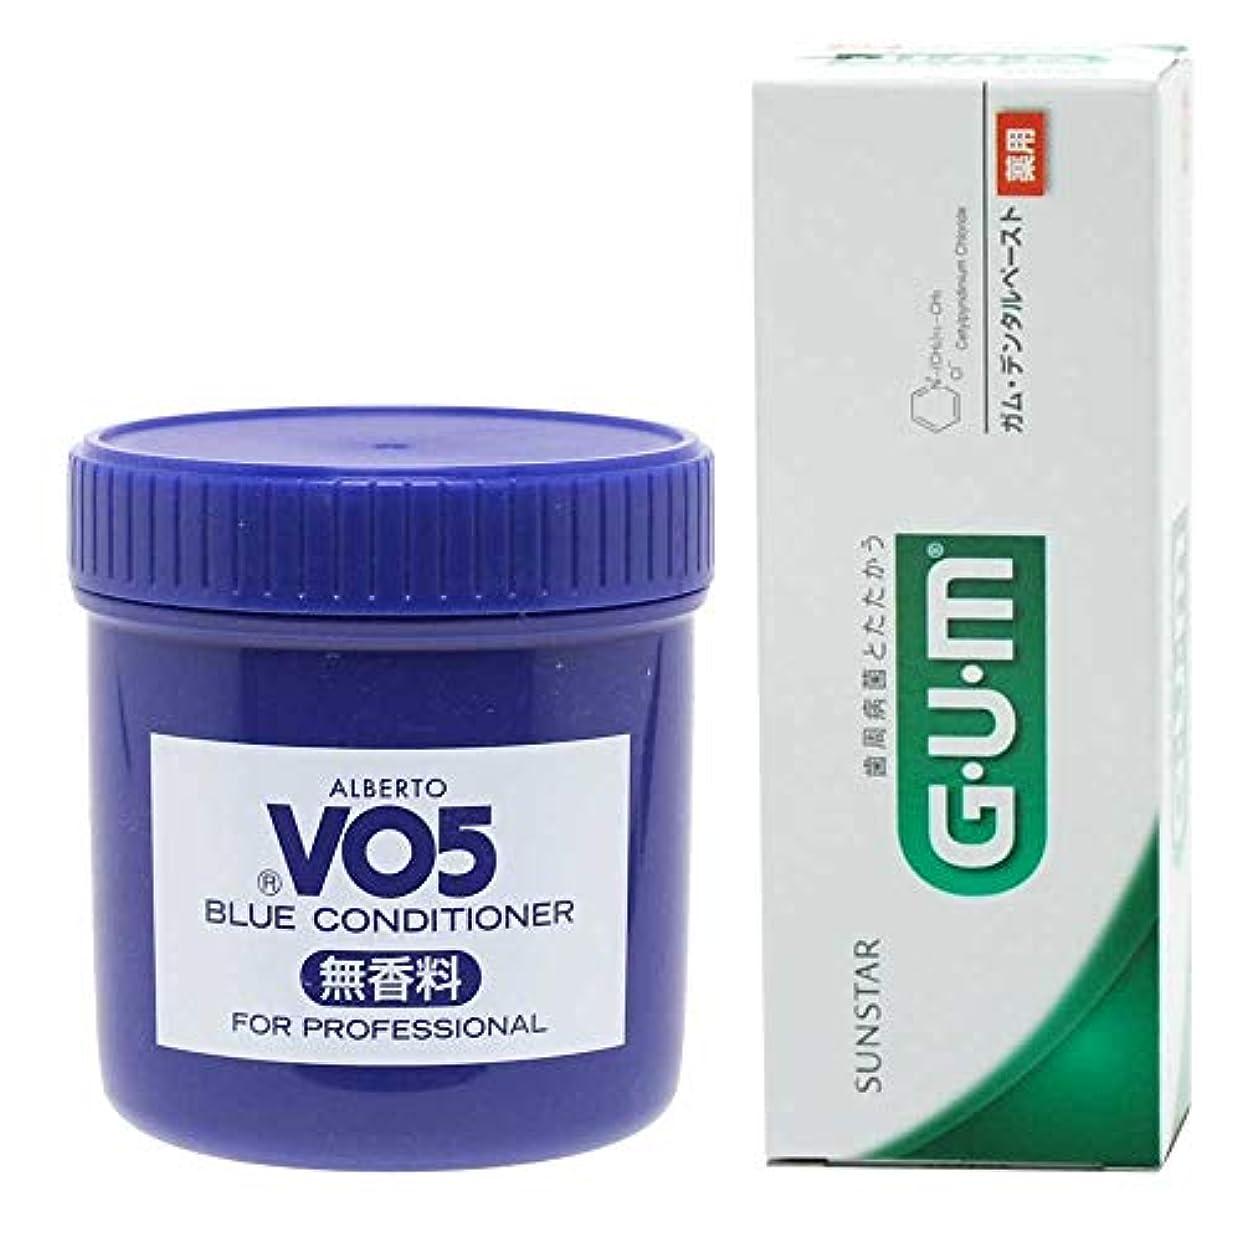 減衰状大腿アルバートVO5コンソート ブルーコンディショナー 無香料250g (GUMデンタルペースト65g付)